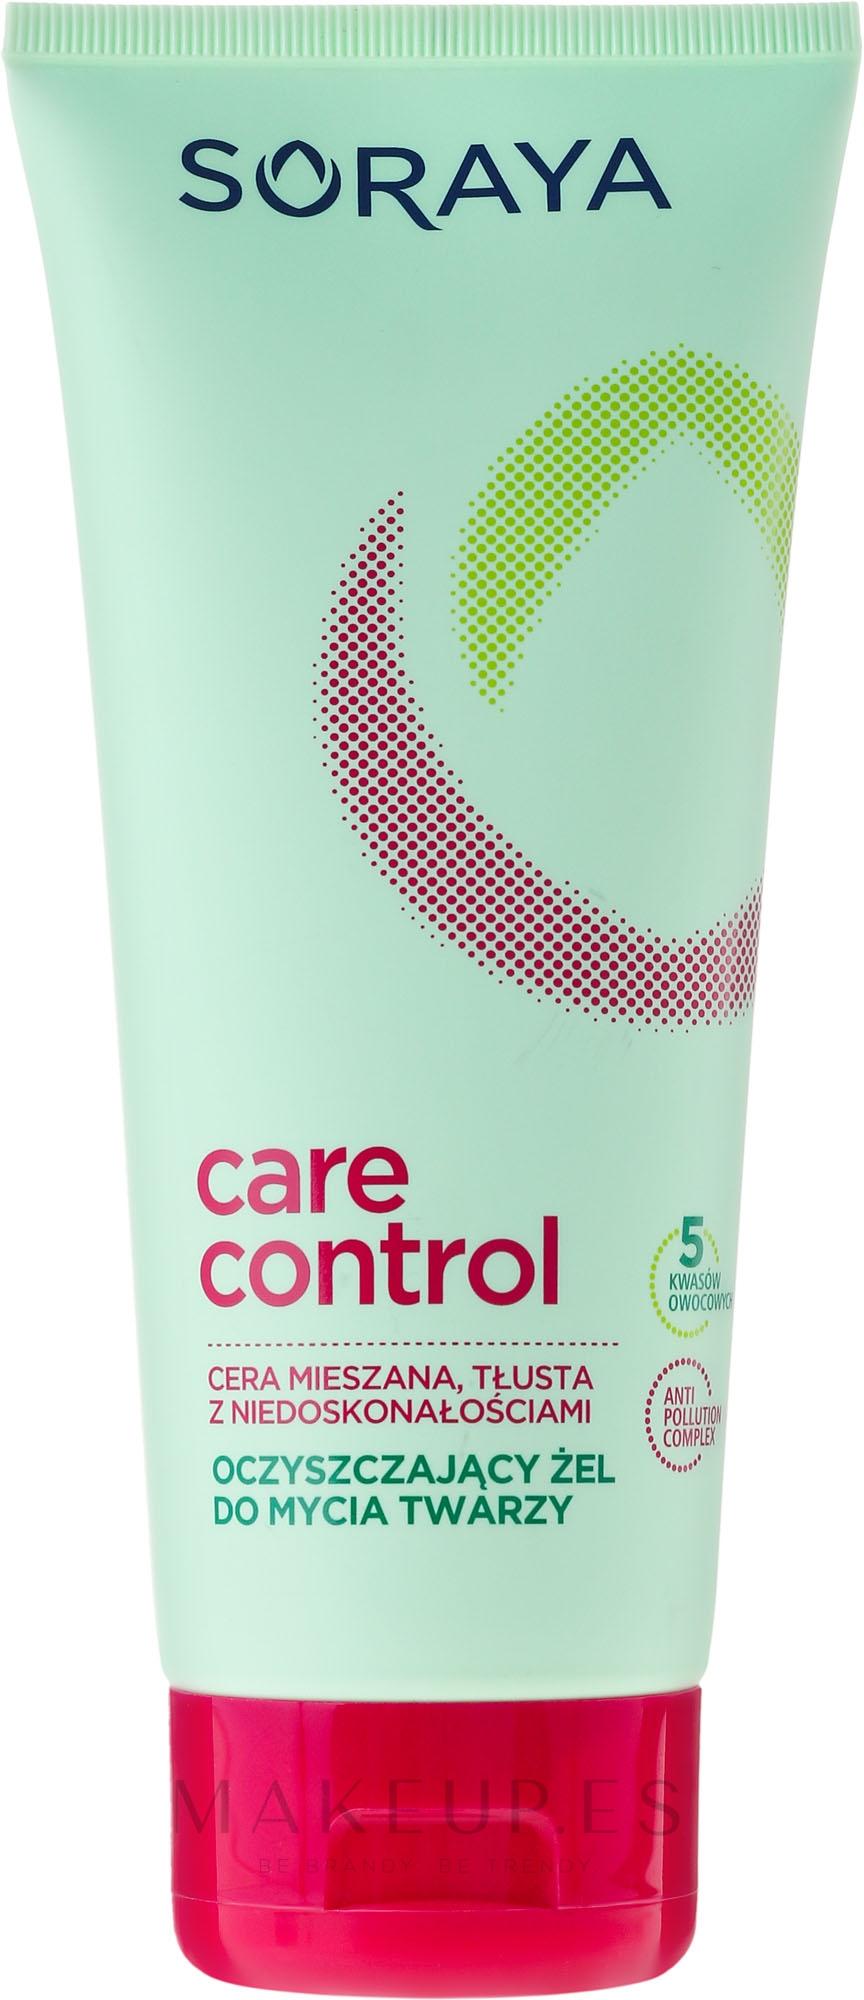 Gel limpiador facial con ácido salicílico y vitamina B1, B2 y C - Soraya Care Control Gel — imagen 150 ml